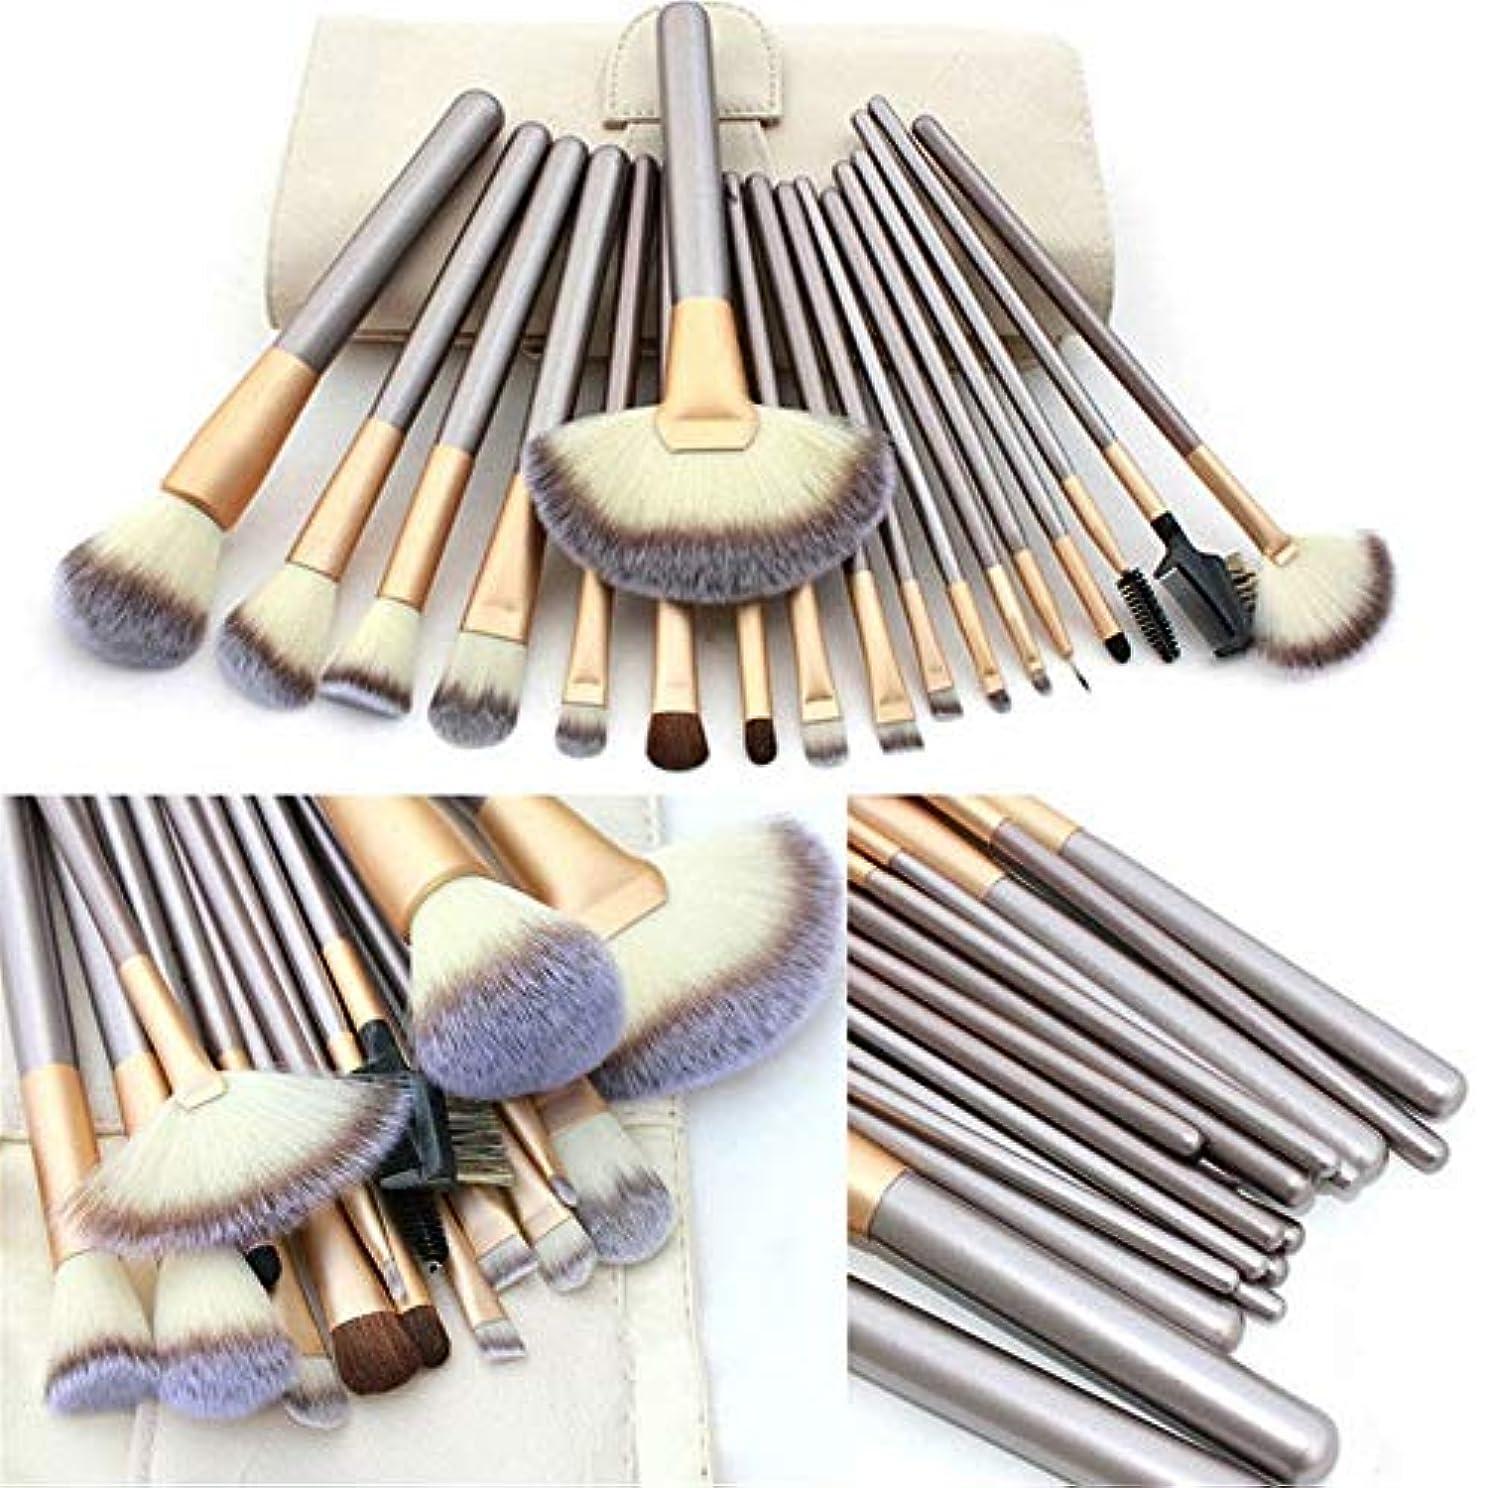 差別的ルール操縦するMakeup brushes ナイロンヘア、PUレザーエクリュメイクアップブラシセットポーチ、18個プロフェッショナルメイクアップブラシカウンターシンク suits (Color : Beige)